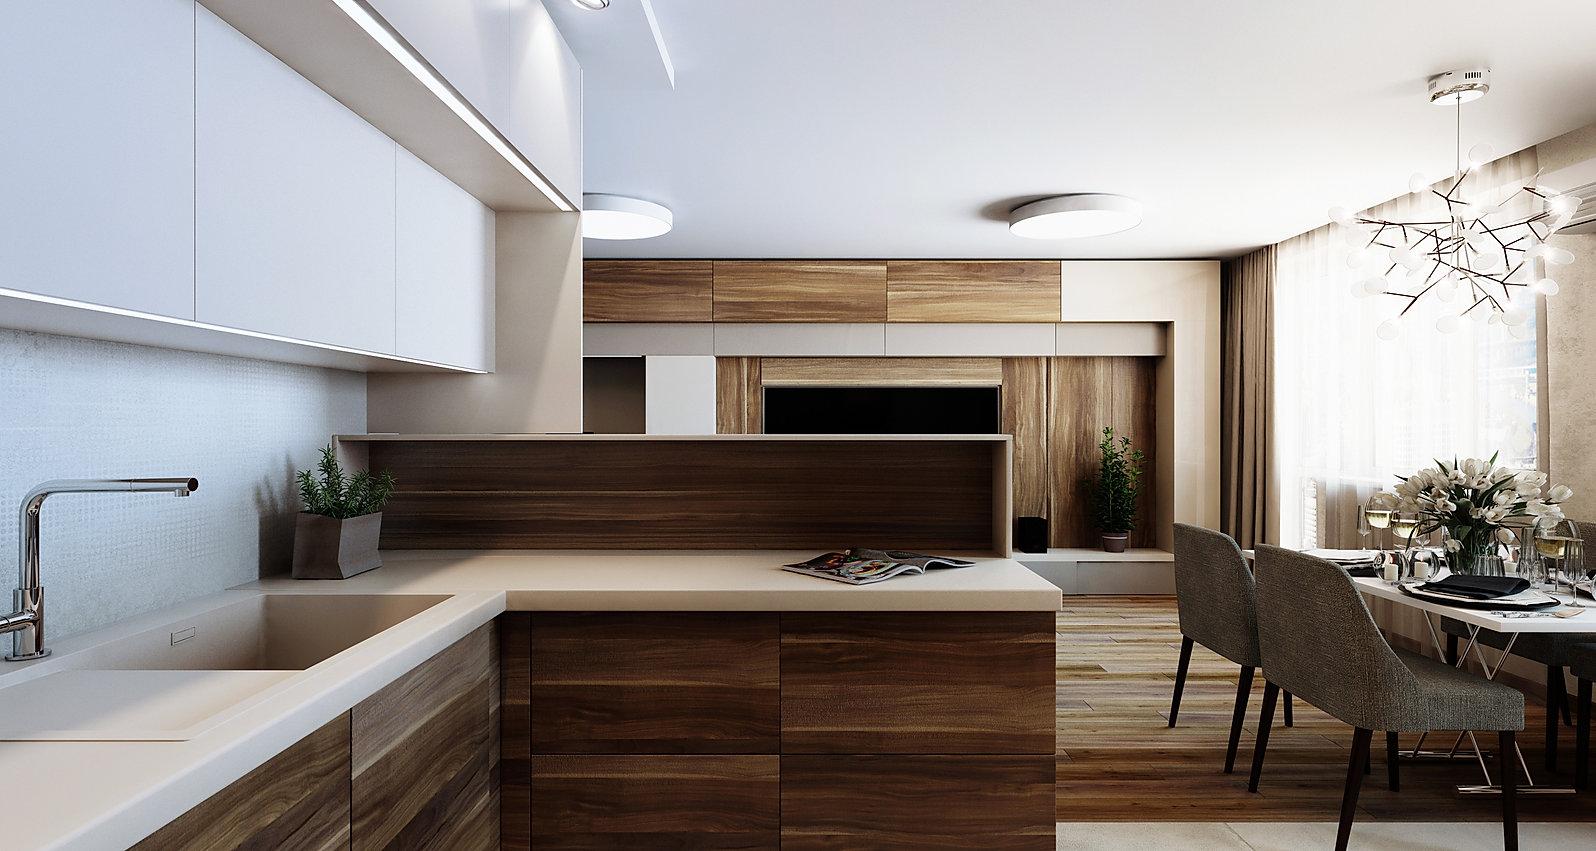 кухня-12-1.jpg